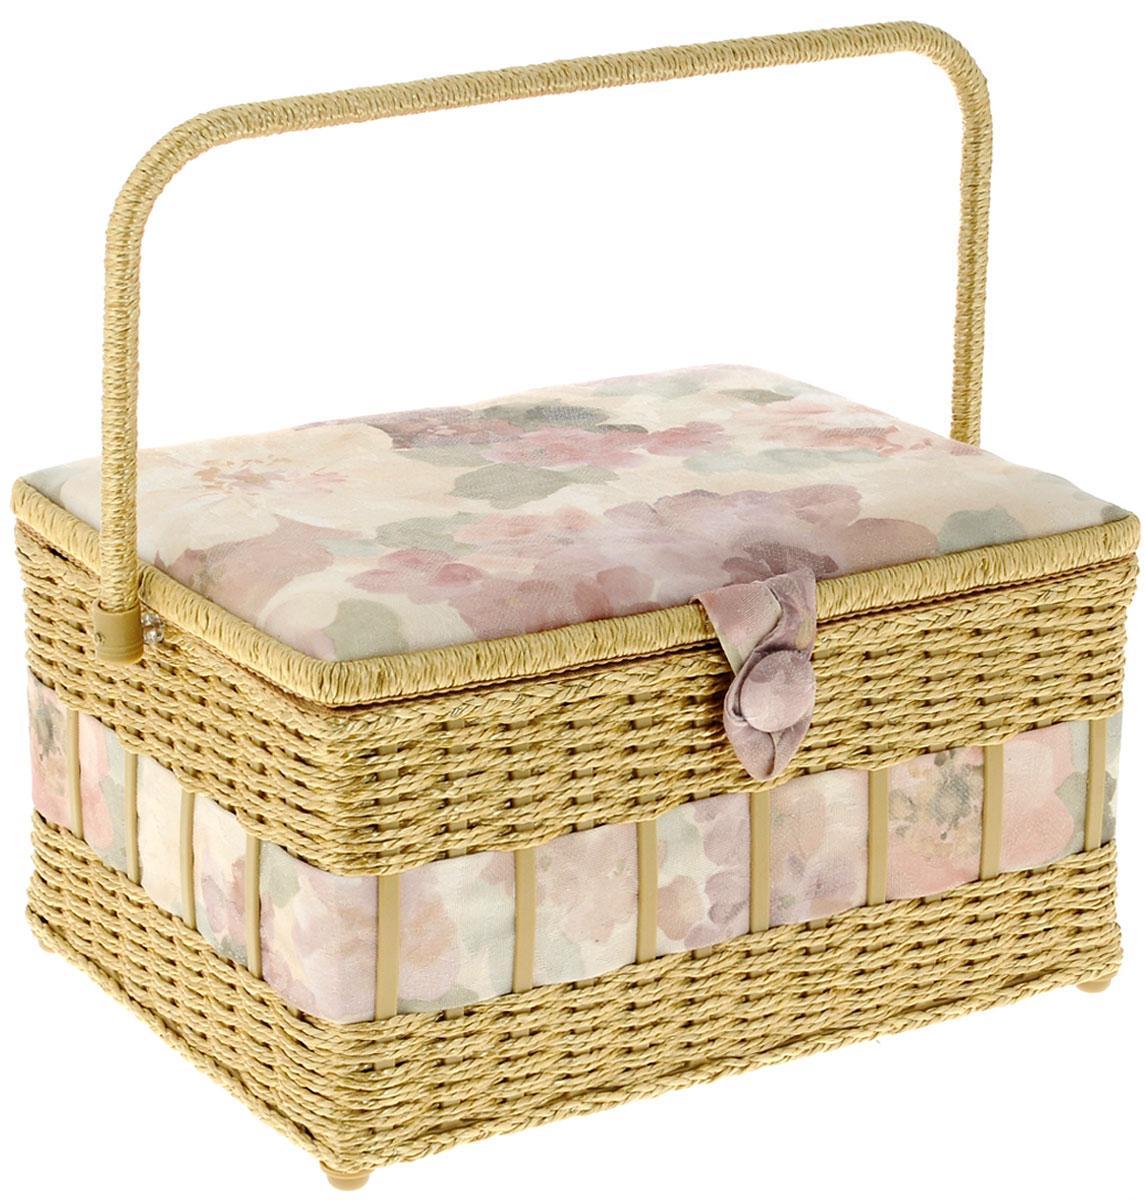 Шкатулка для рукоделия Grace & Glamour Акварельные цветы, 24 х 31,5 х 19,5 см шкатулка для рукоделия za 09630 22 grace красная с бежевыми цветами